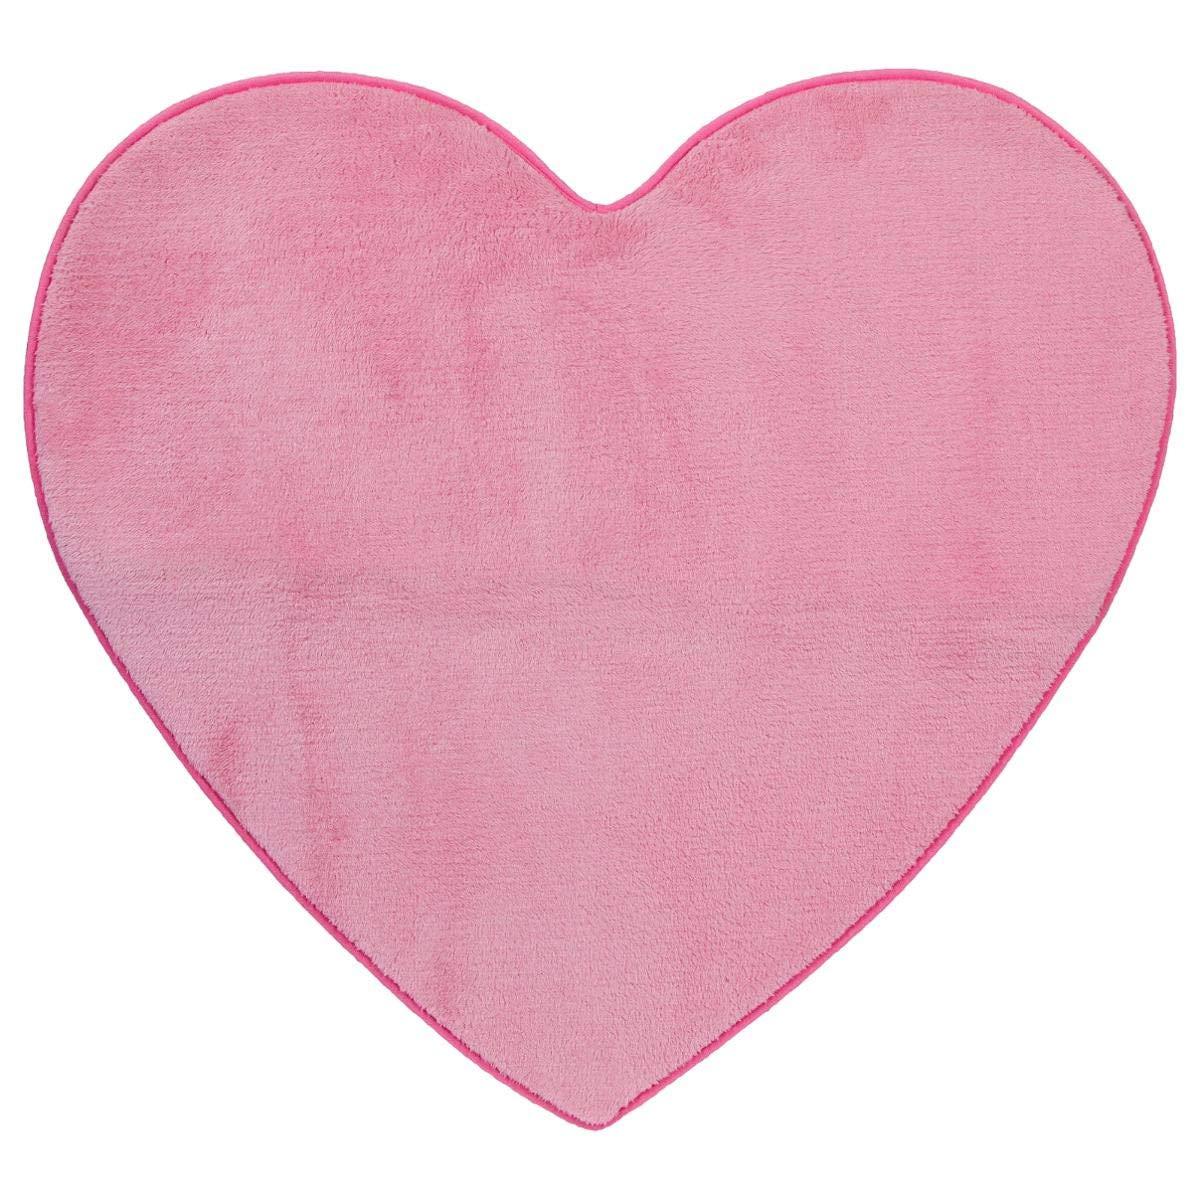 Tappeto in microfibra per la cameretta dei bimbi - Forma: cuore - Colore: ROSA ATMOSPHERA